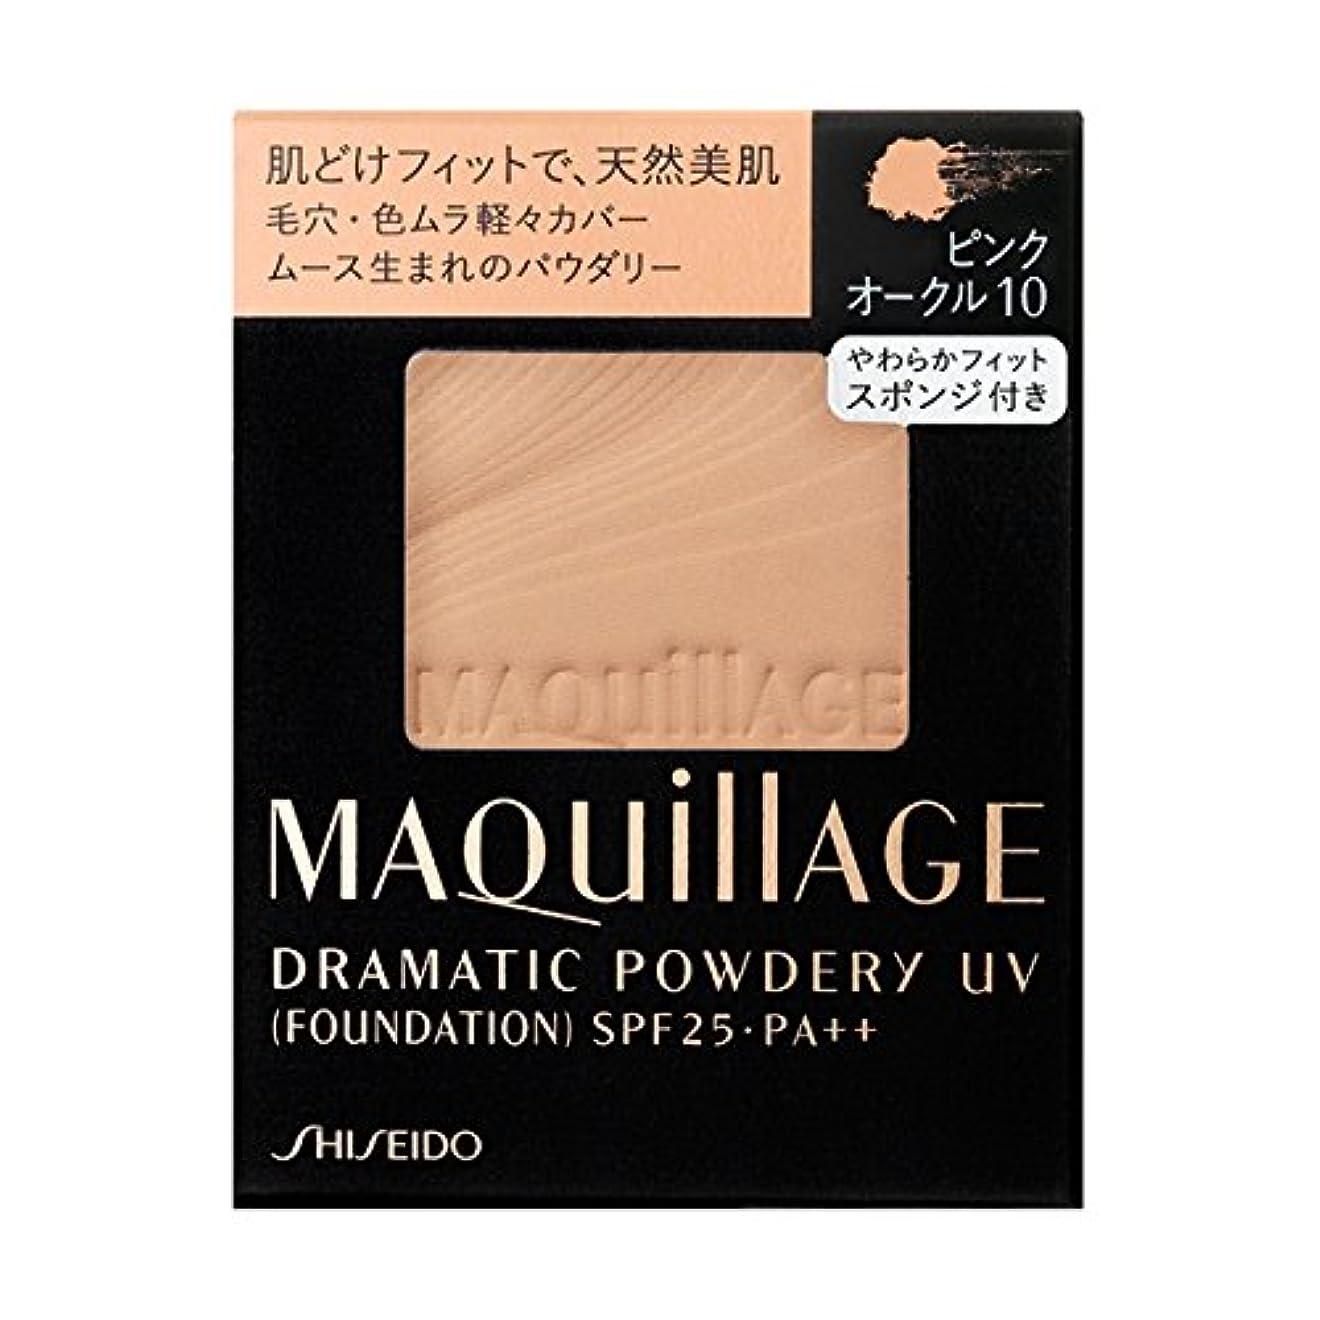 位置づける厚さスープ<お得な2個パック>マキアージュ ドラマティックパウダリー UV(レフィル) ピンクオークル10 9.2g入り×2個